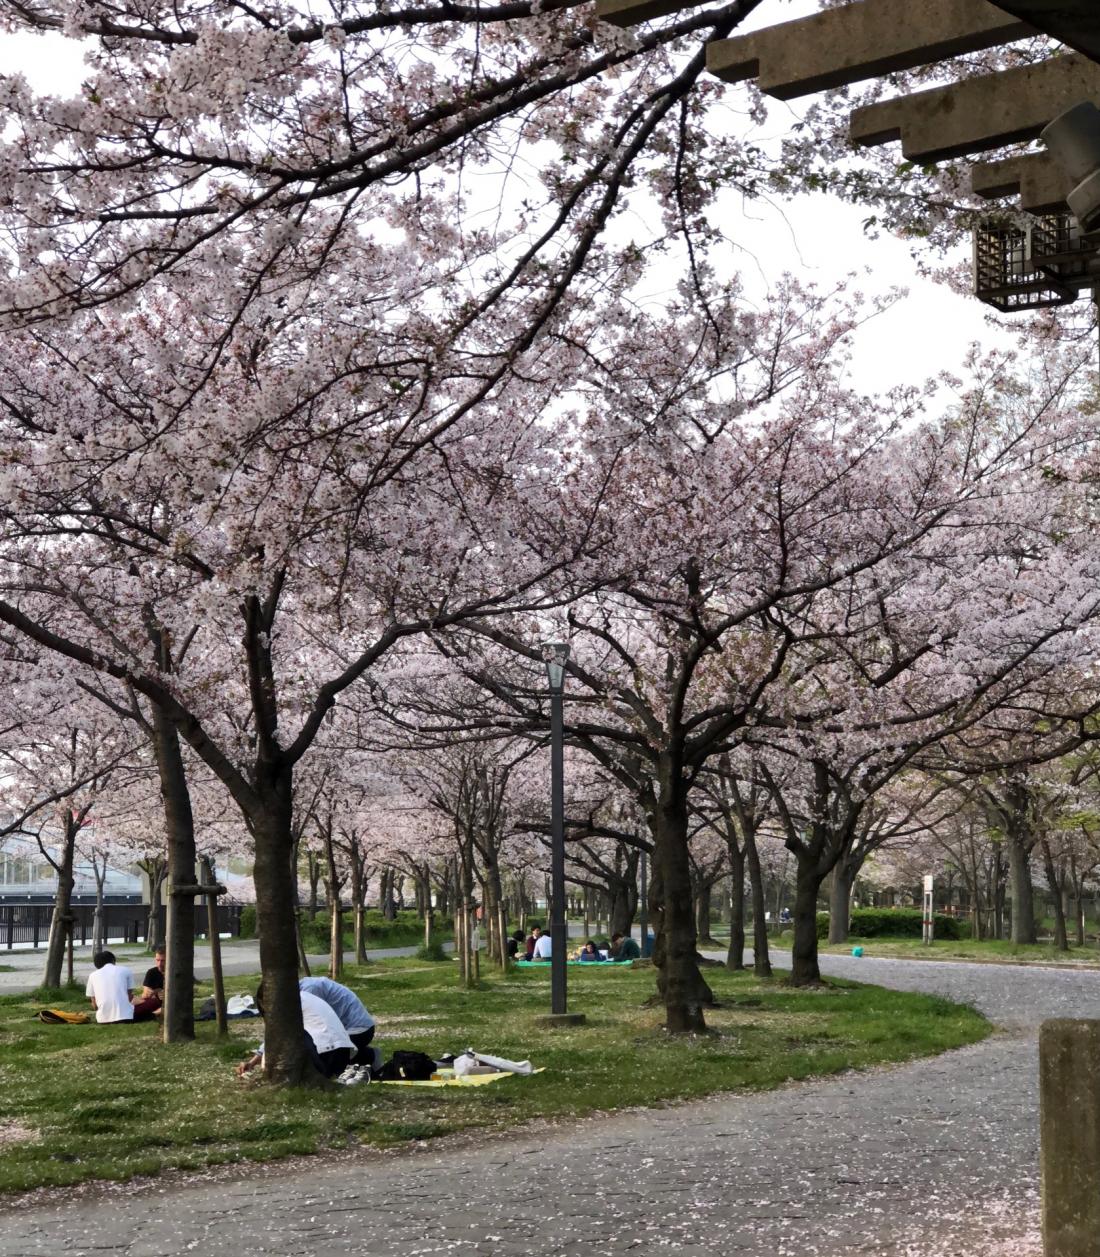 悠閒地野餐的日本人